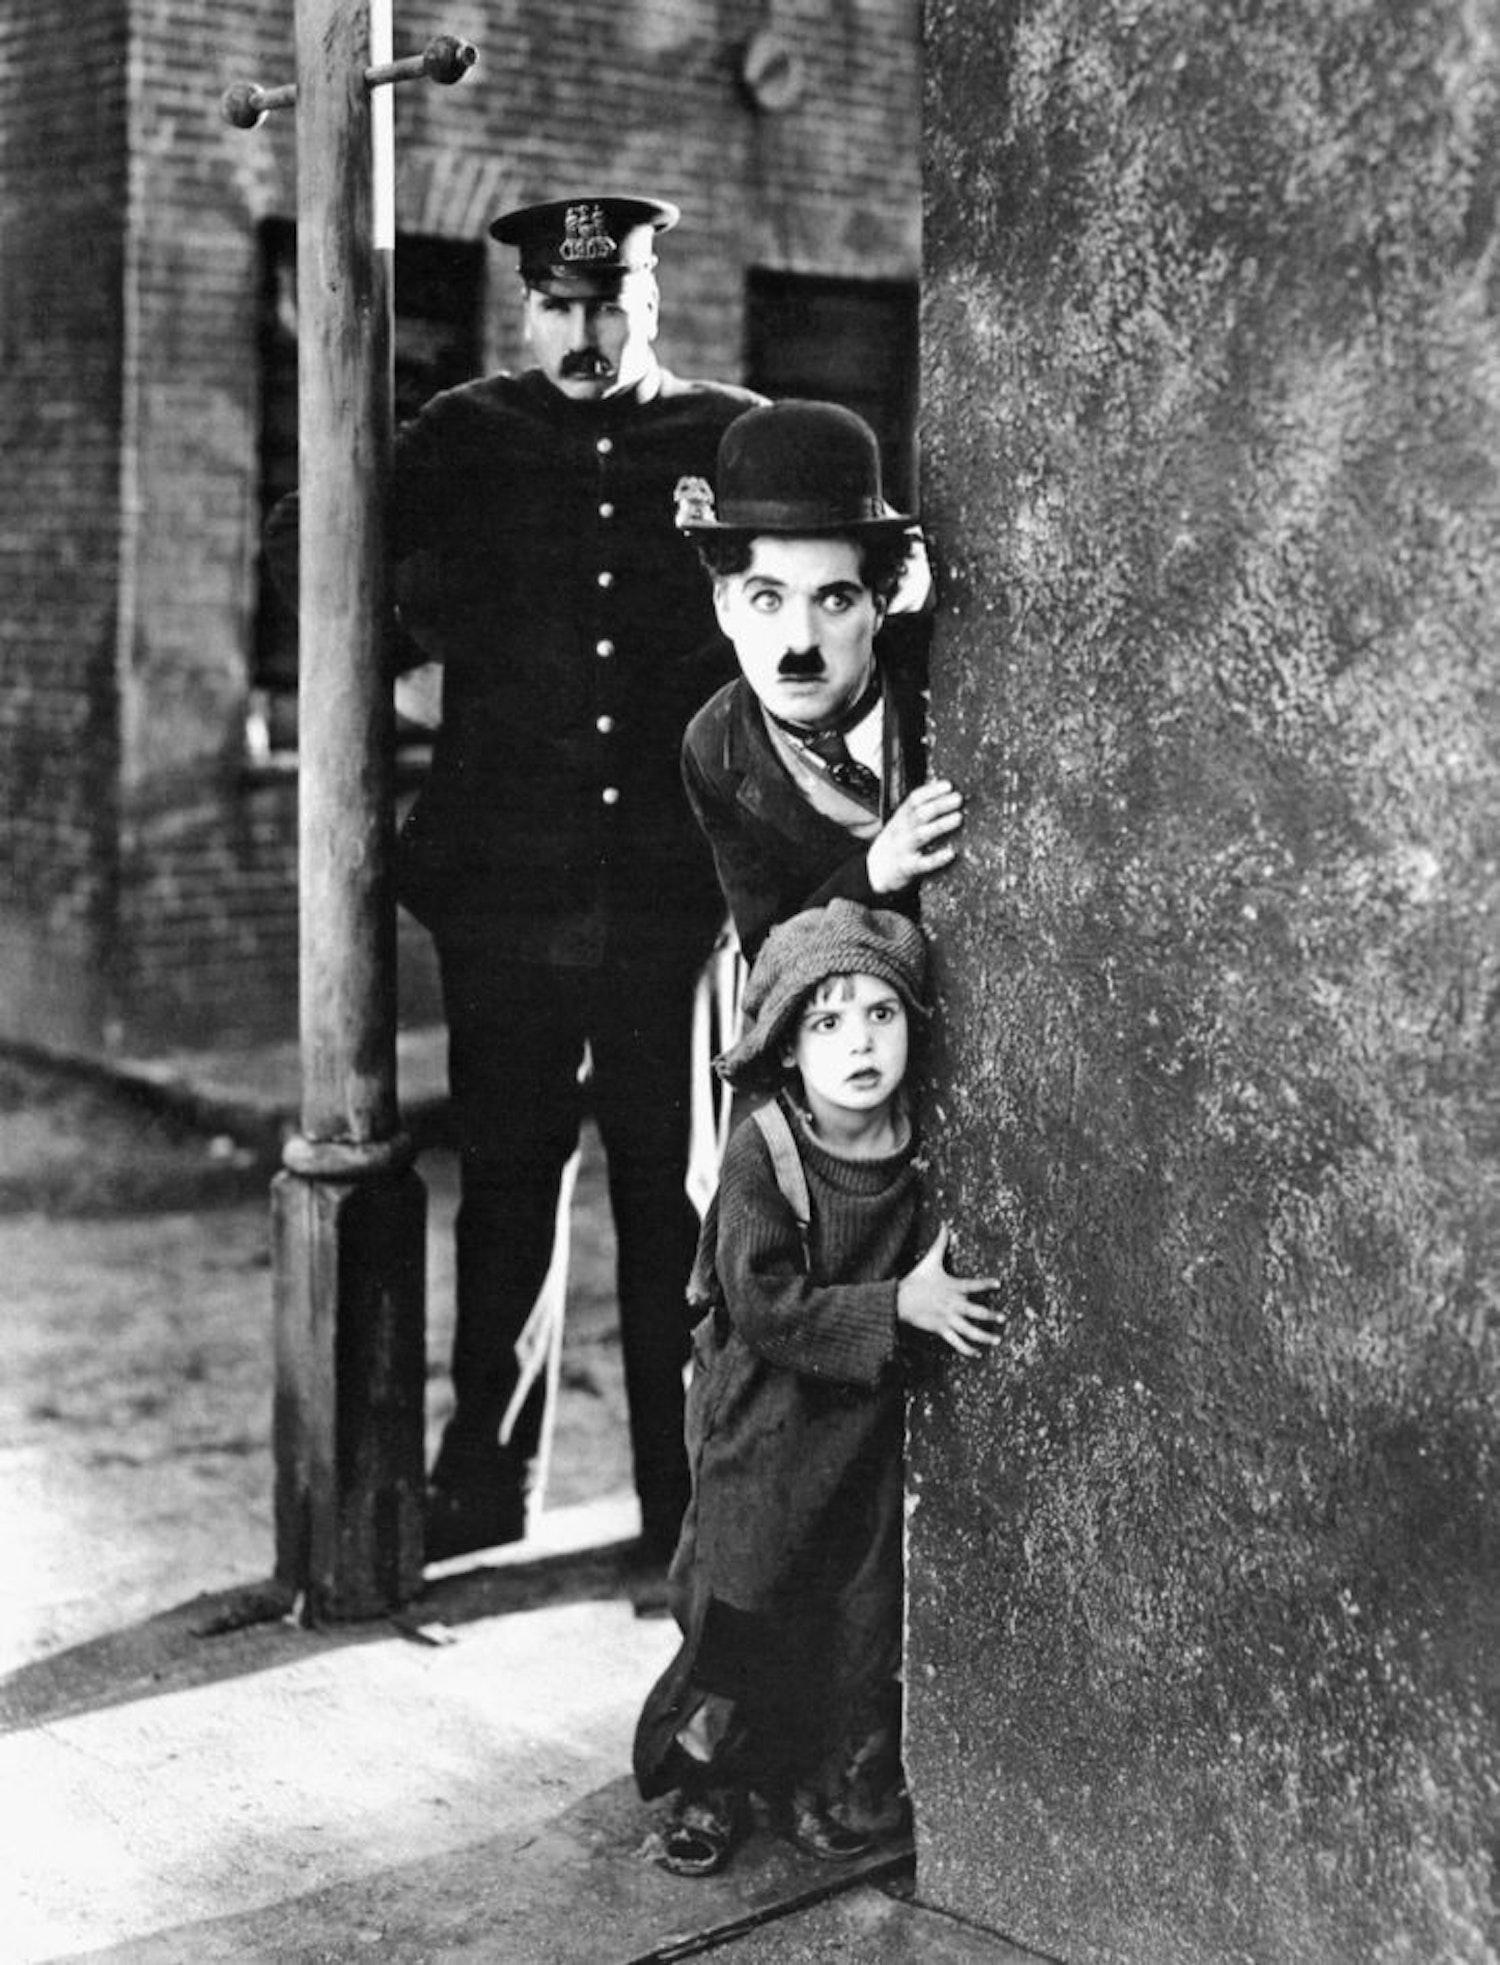 The Kid 1921 jpg 723x947